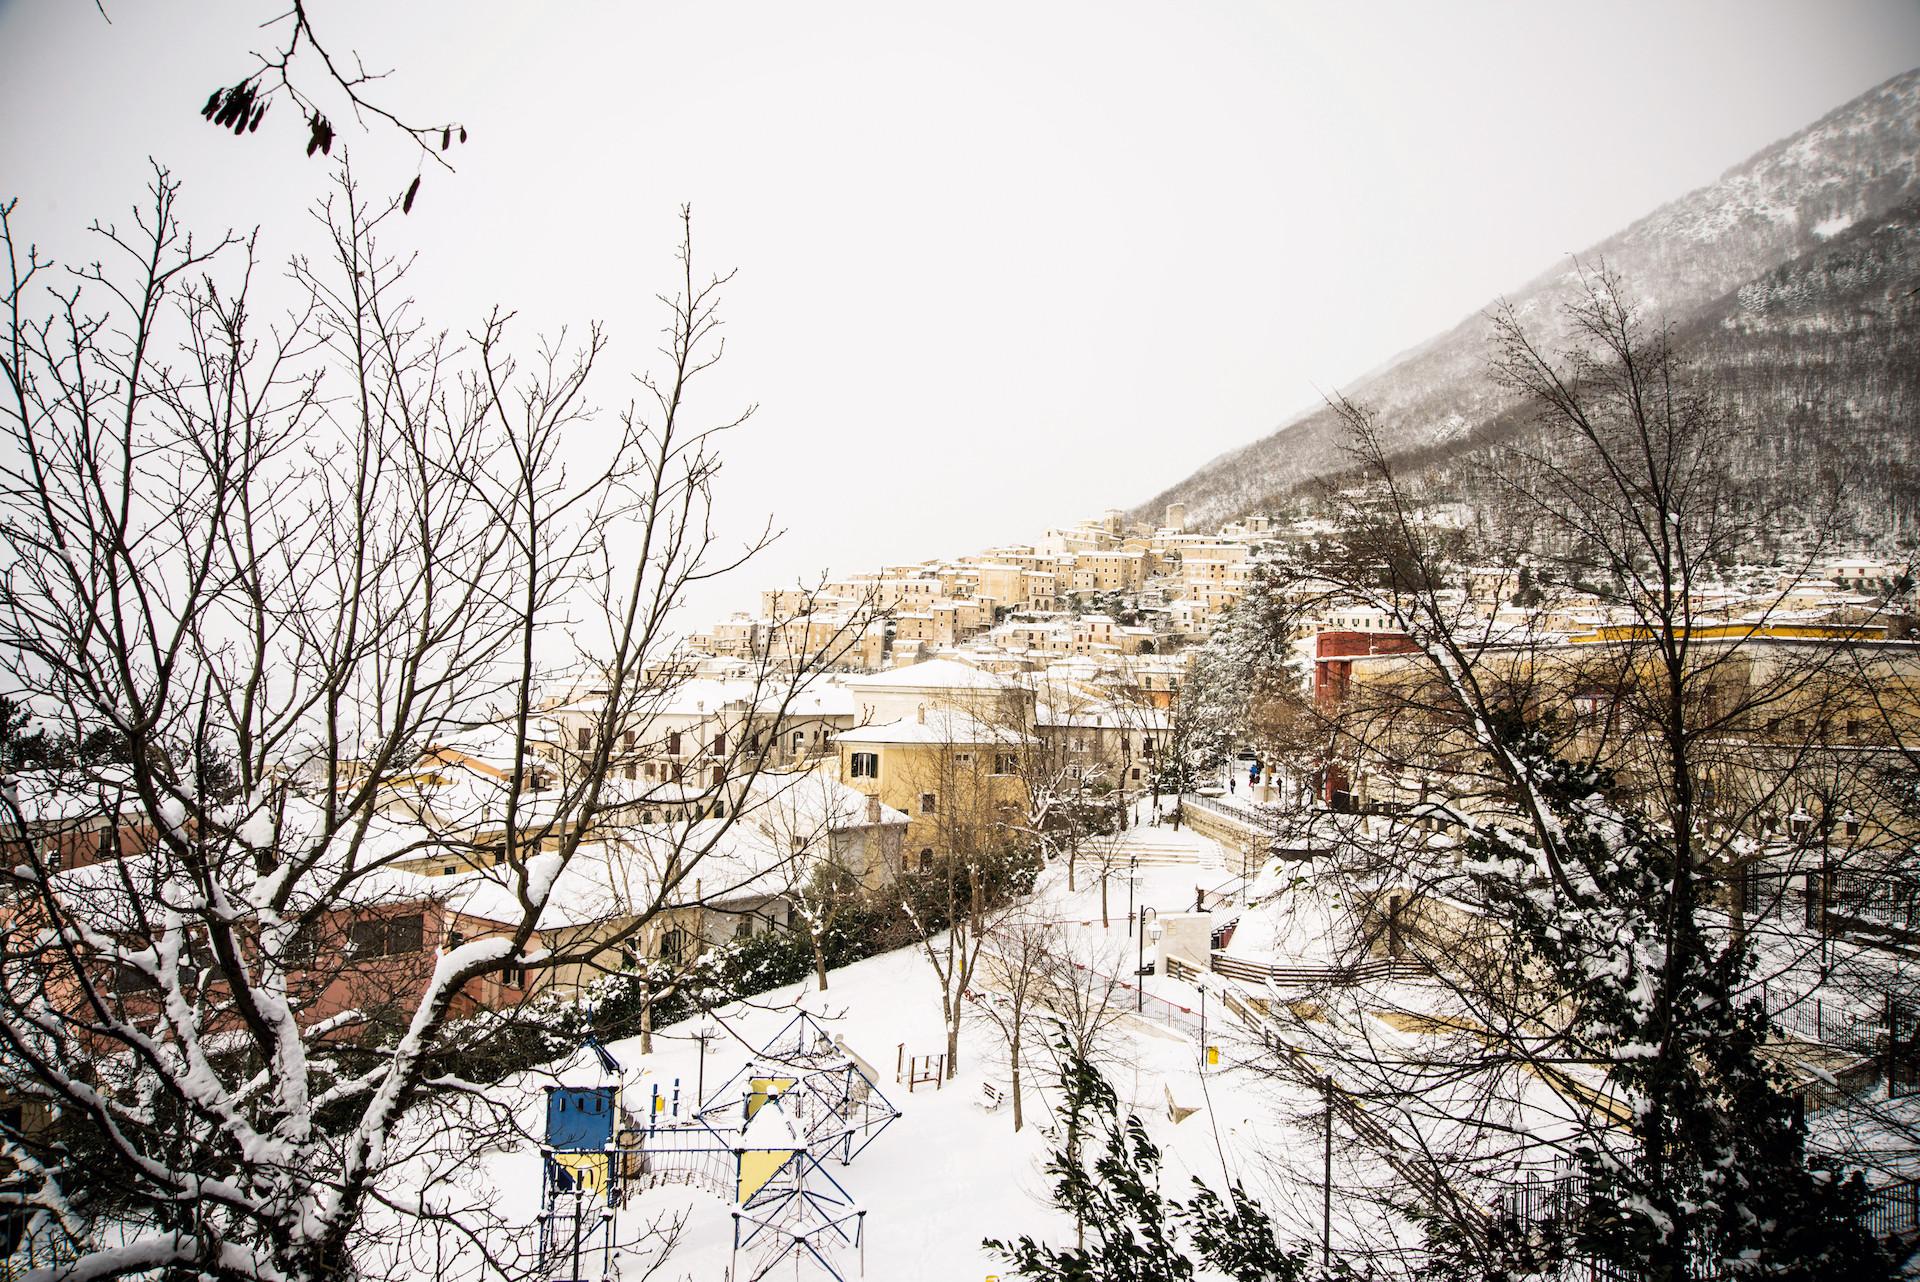 San Donato in winter